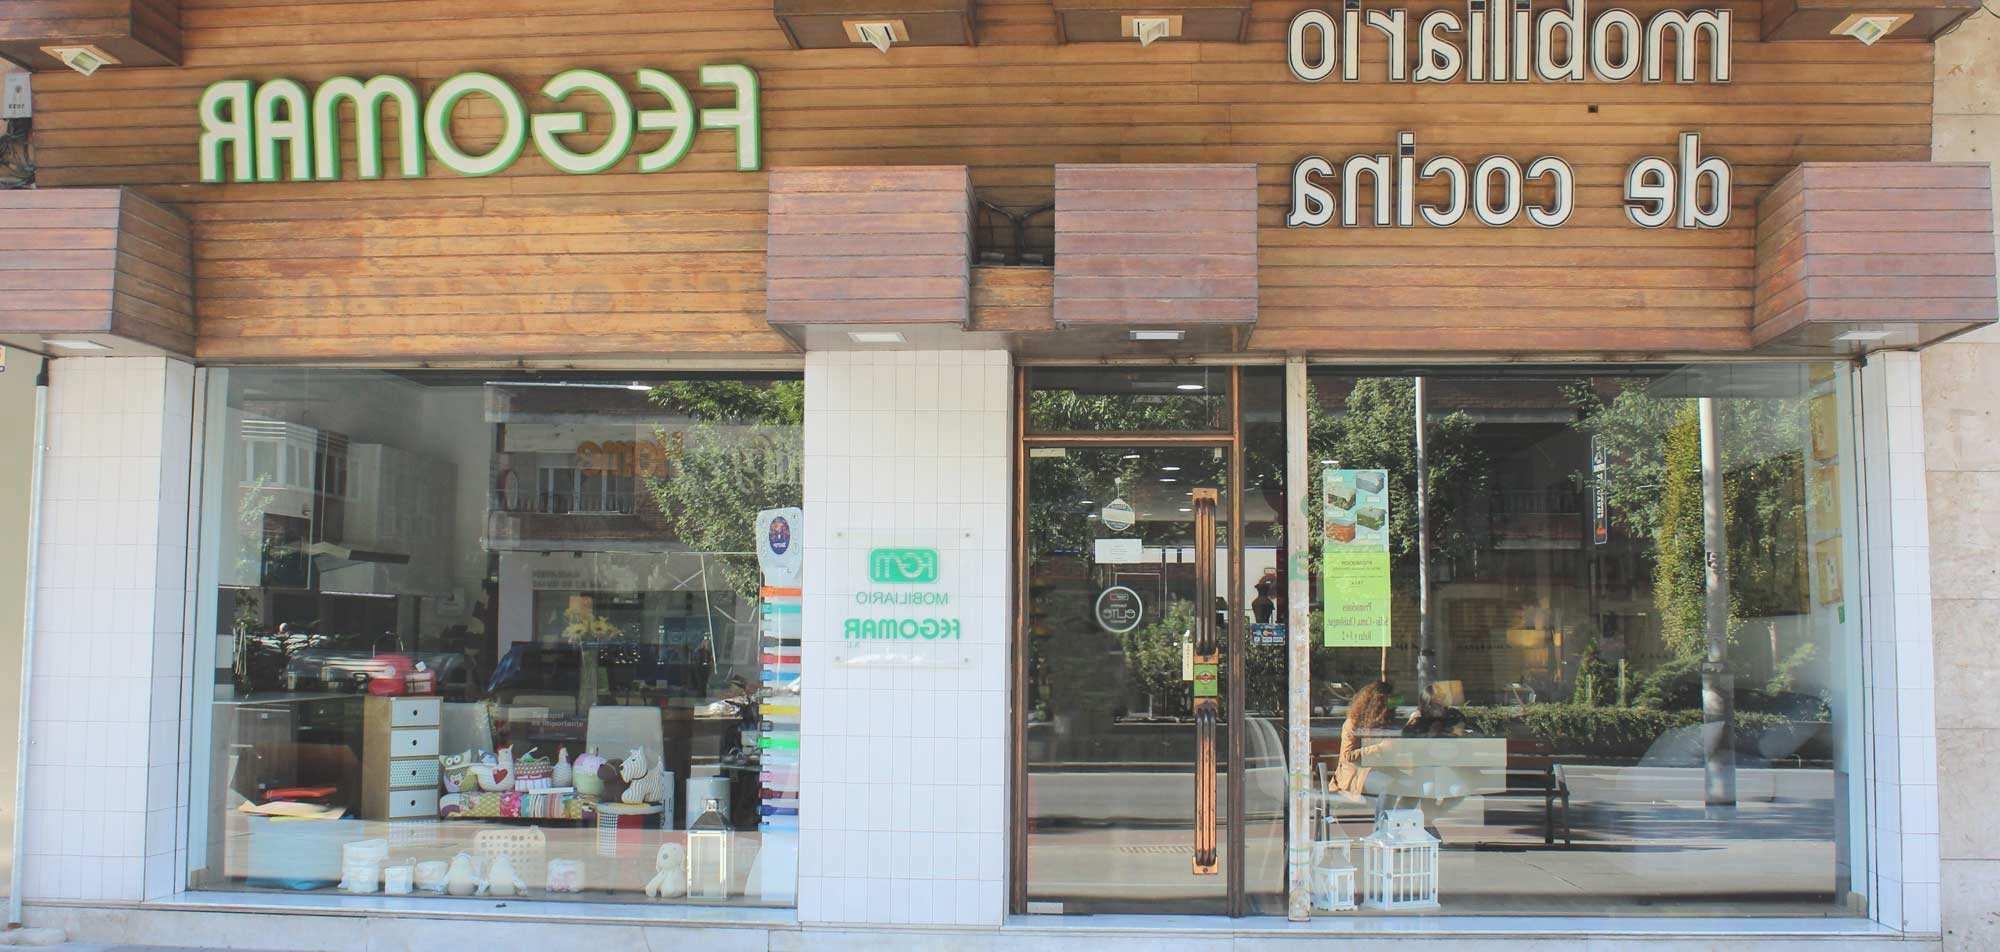 Tiendas De Muebles Granada 3id6 Tiendas De Muebles Baratos En Granada Canocentros Canohouse